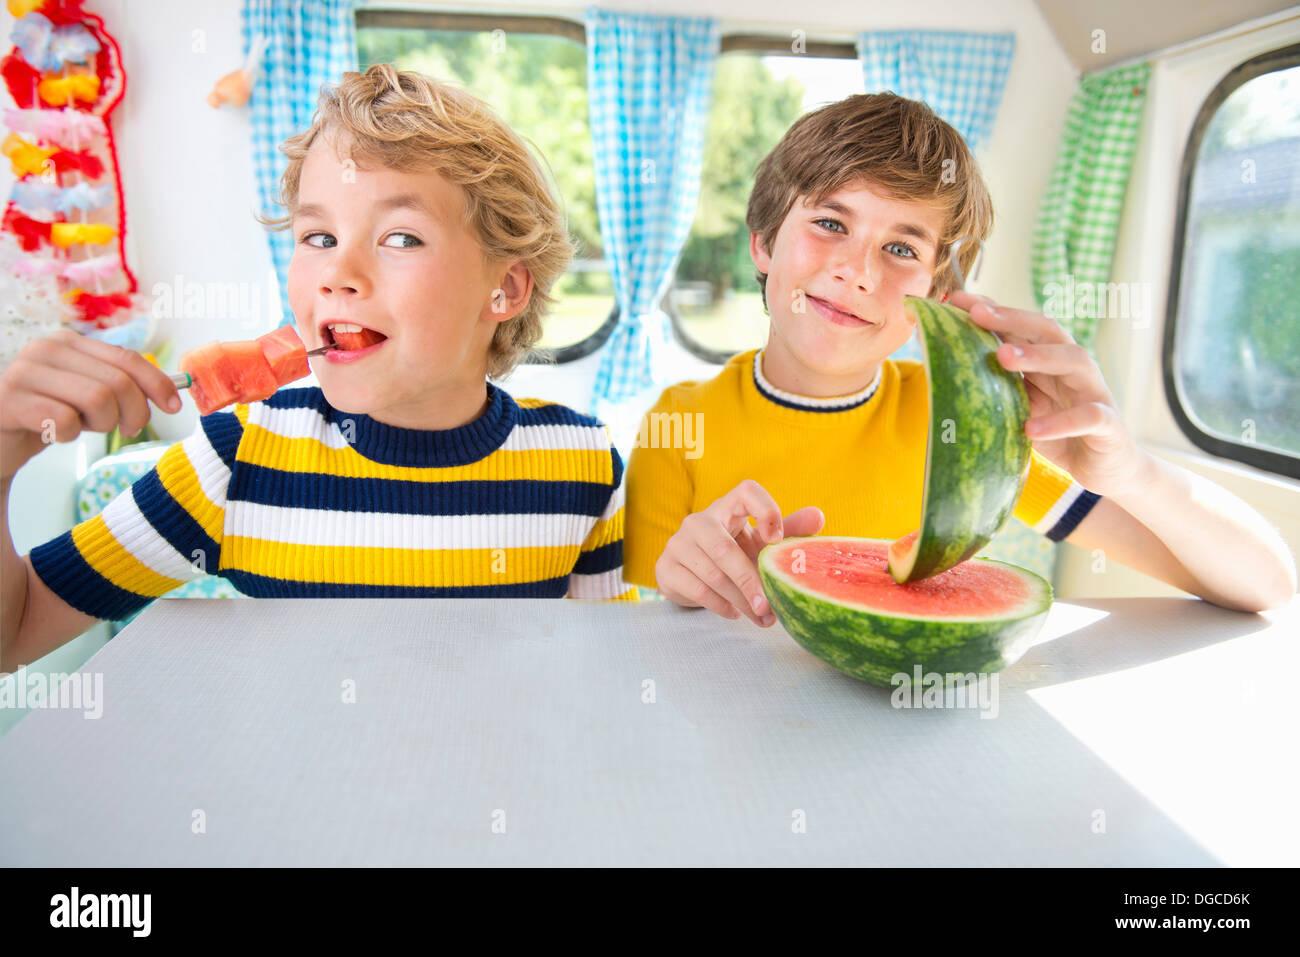 Jungen Essen Wassermelone im Wohnwagen, Porträt Stockbild